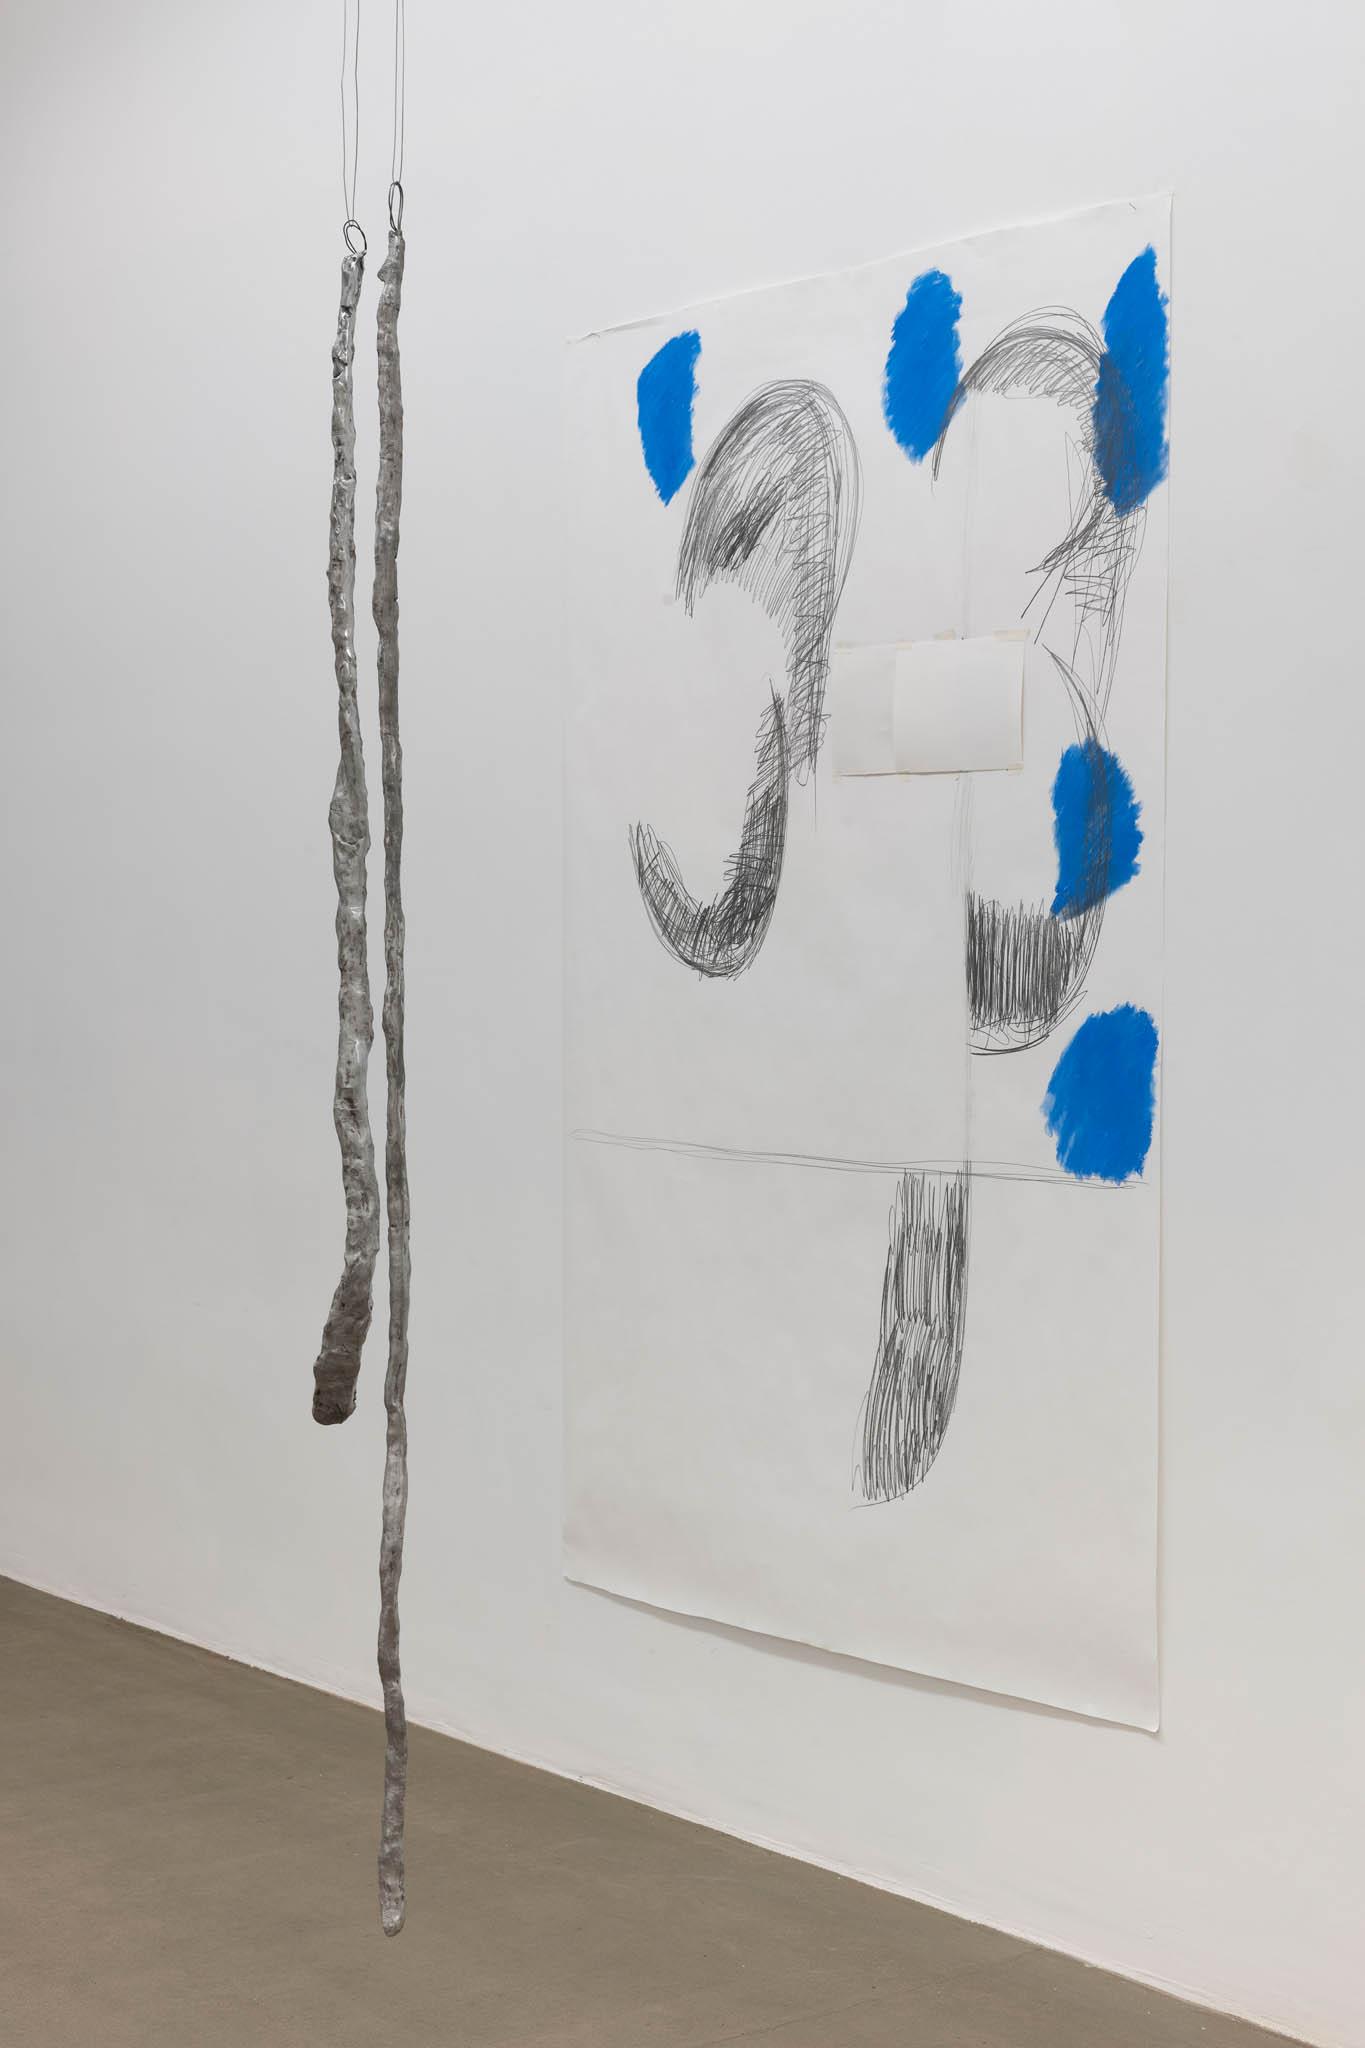 Esther Kläs Room 2, 2019 (detail), 9 pezzi di alluminio, 4 disegni; Courtesy SpazioA, Pistoia; photo Giorgio Benni